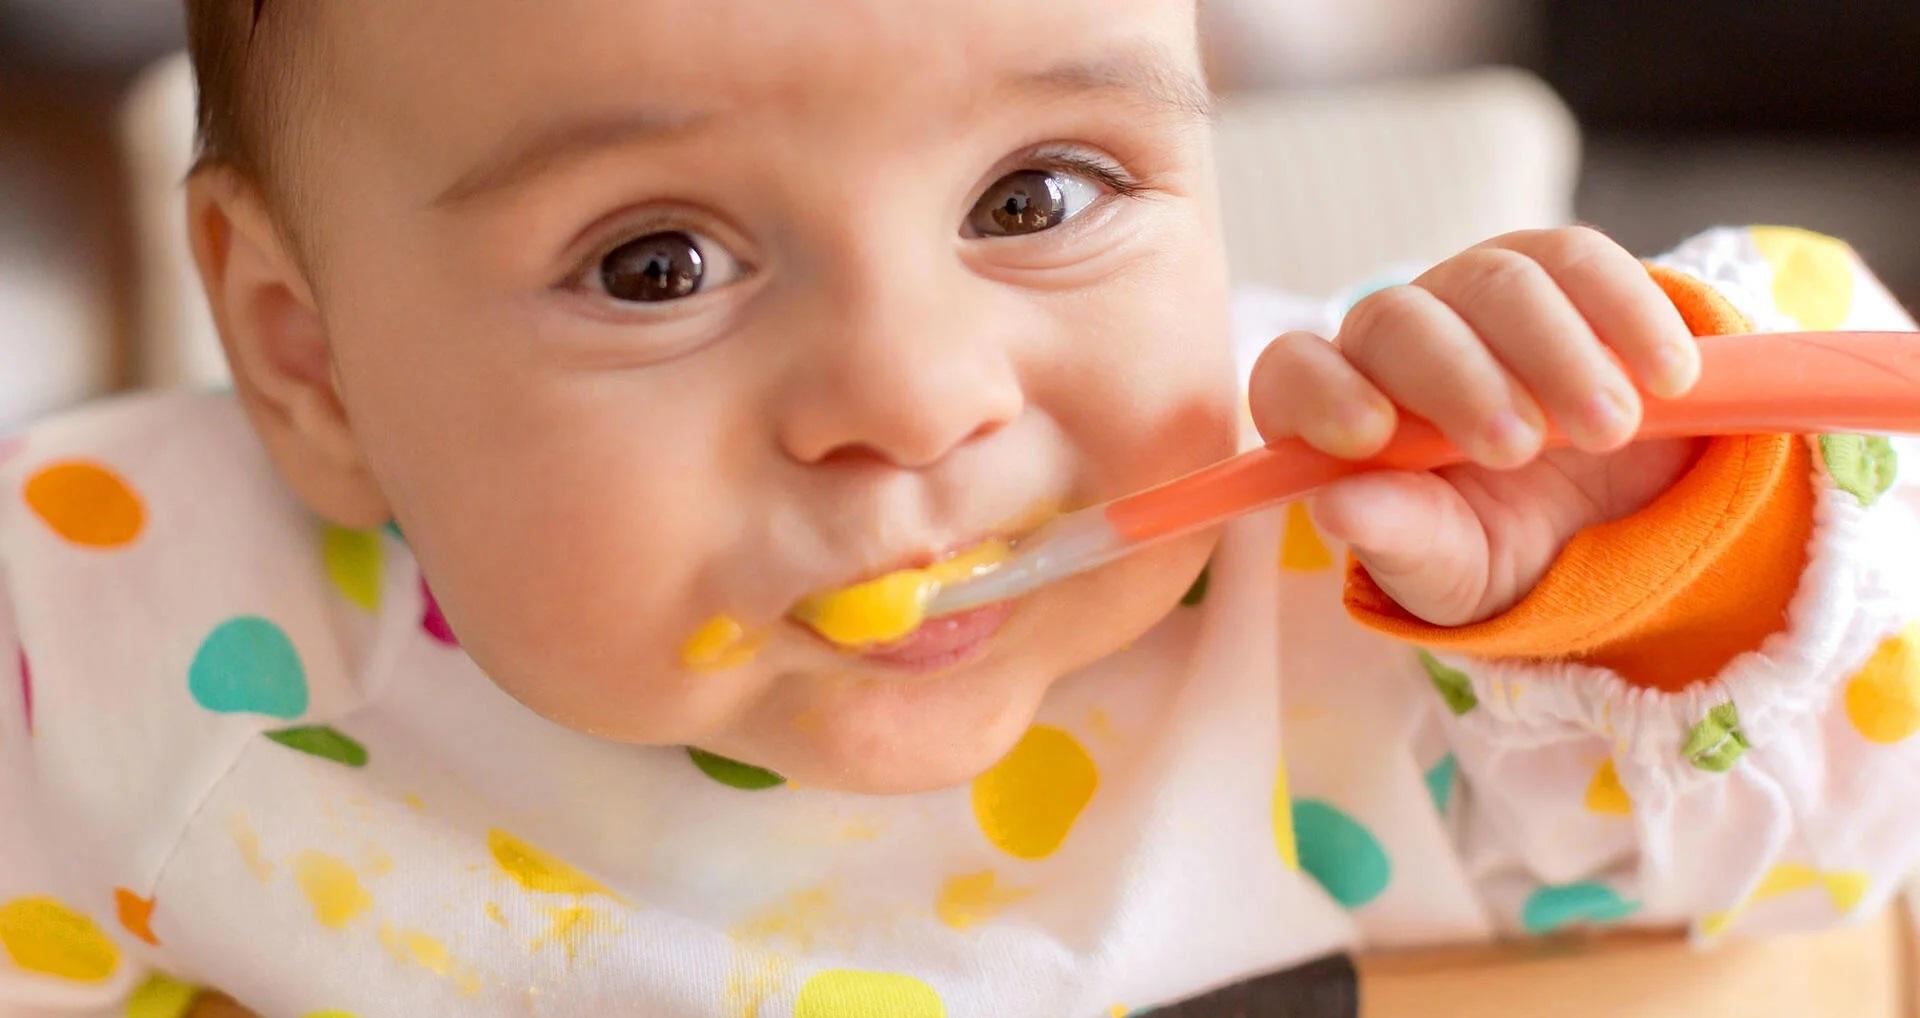 Bật mí 5 loại trái cây tốt cho sức khỏe đường ruột của bé